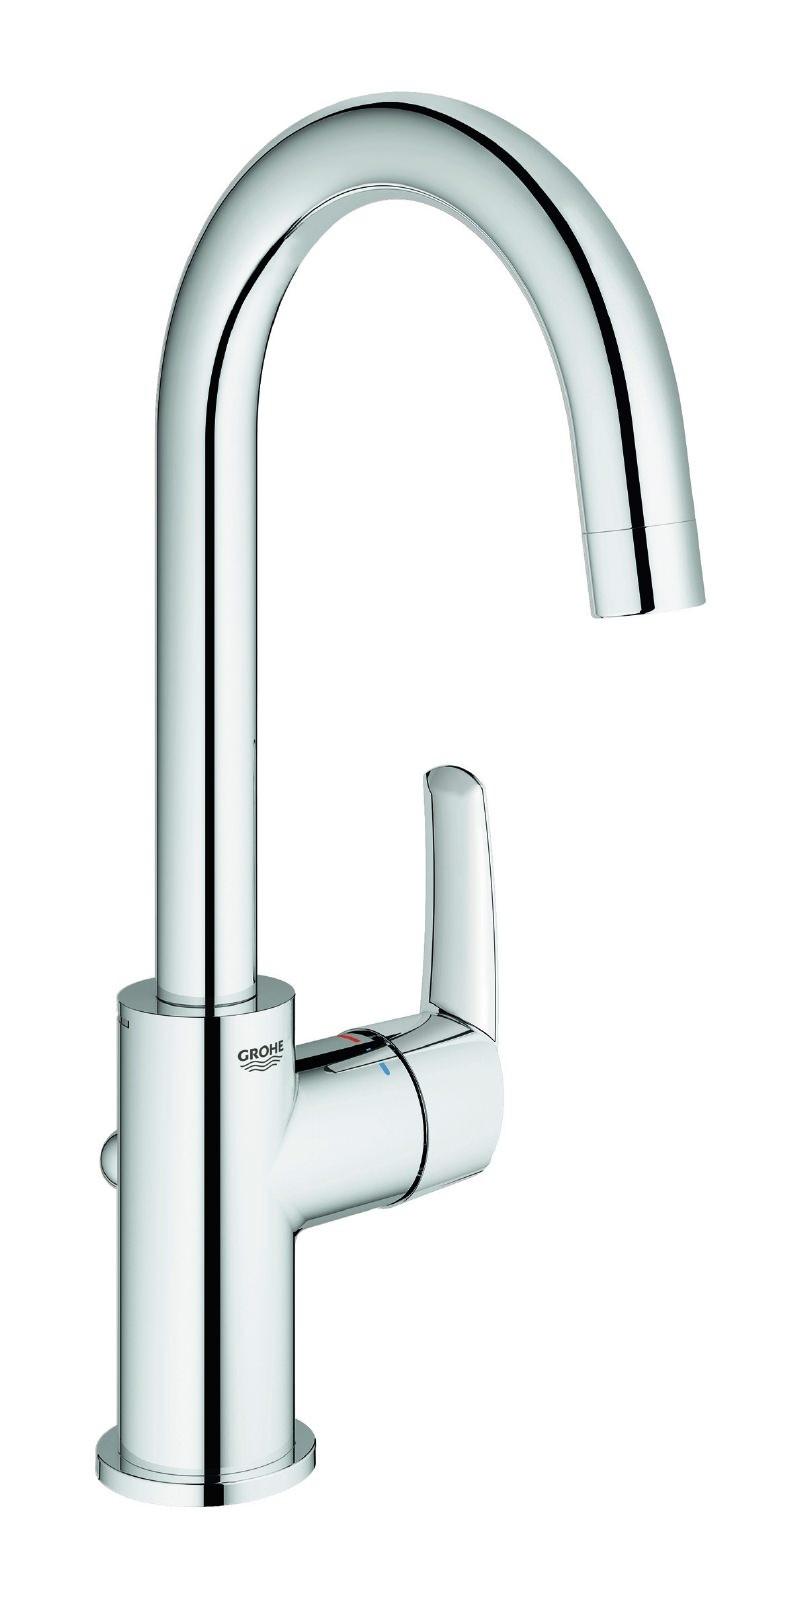 Full Size of Grohe Wasserhahn Hoch Hinaus Mit Dem Start Von Calmwaters Bad Thermostat Dusche Küche Wandanschluss Für Wohnzimmer Grohe Wasserhahn